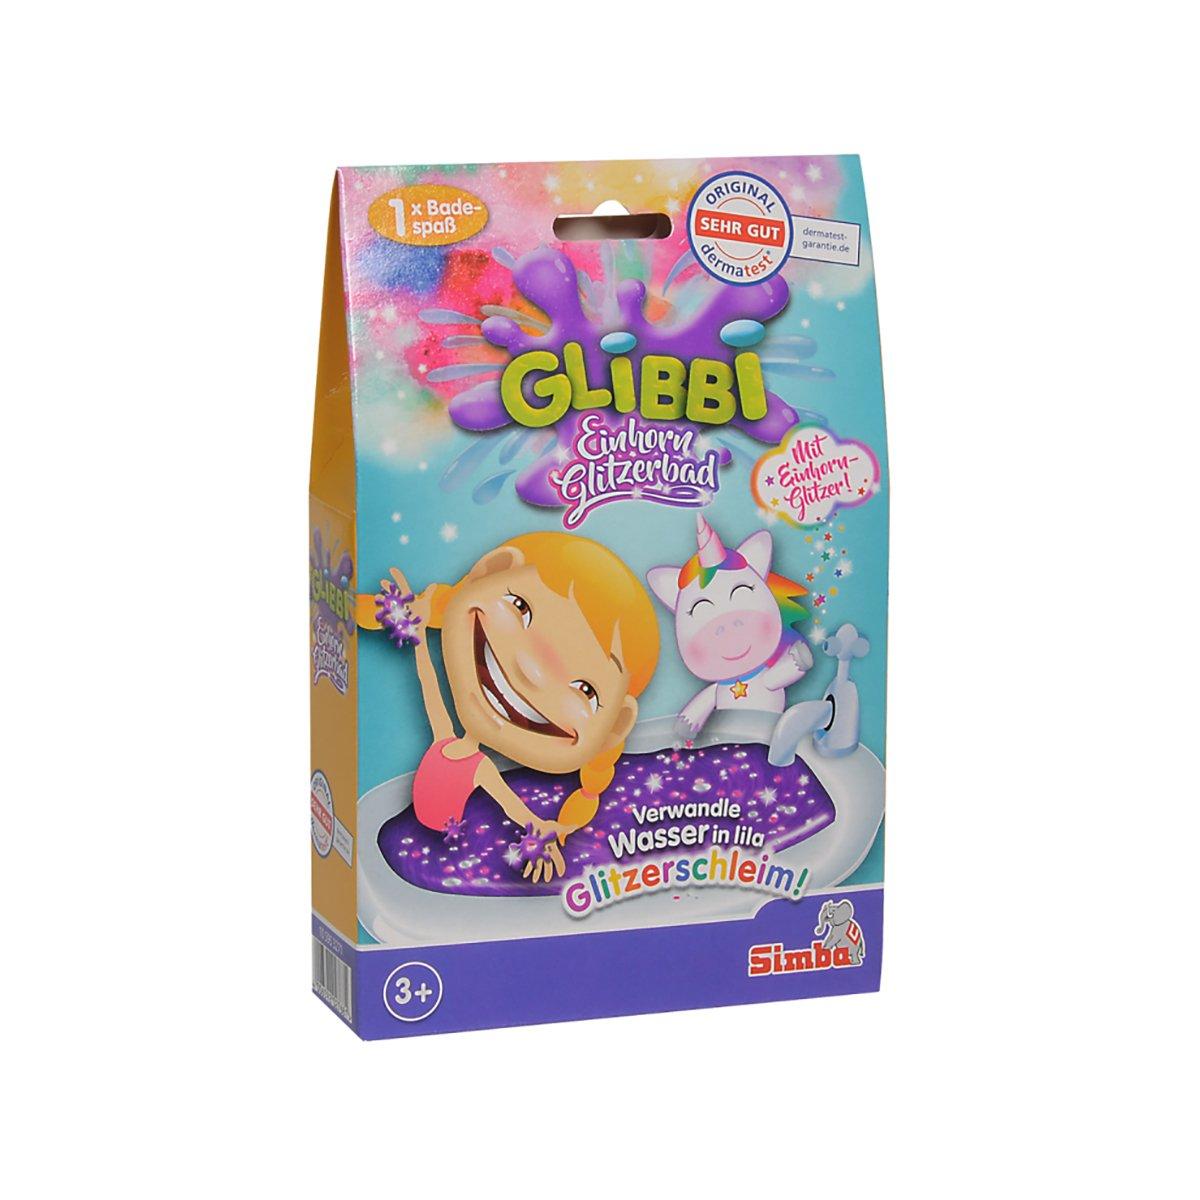 Gelatina Slime Unicorn Glibbi, 150 g